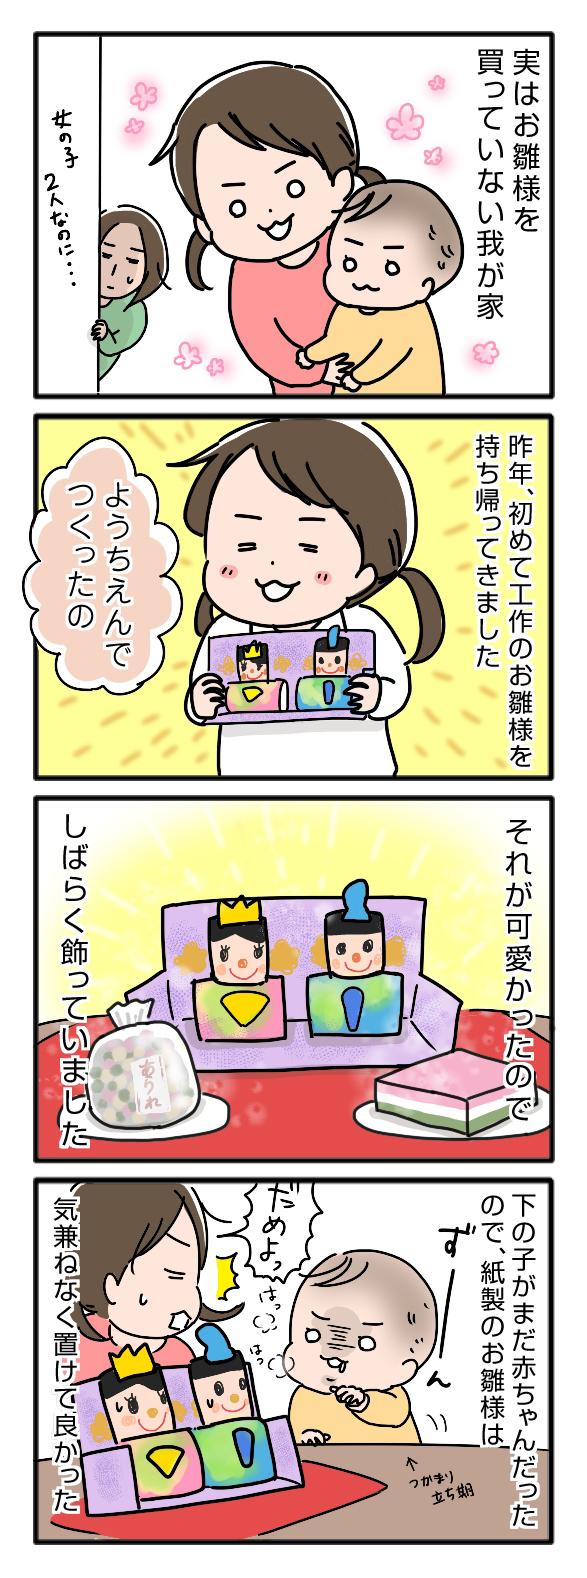 赤ちゃんがいてもOK!?手作りひな人形をオススメする理由~姉ちゃんは育児中 年少編26~ の画像1